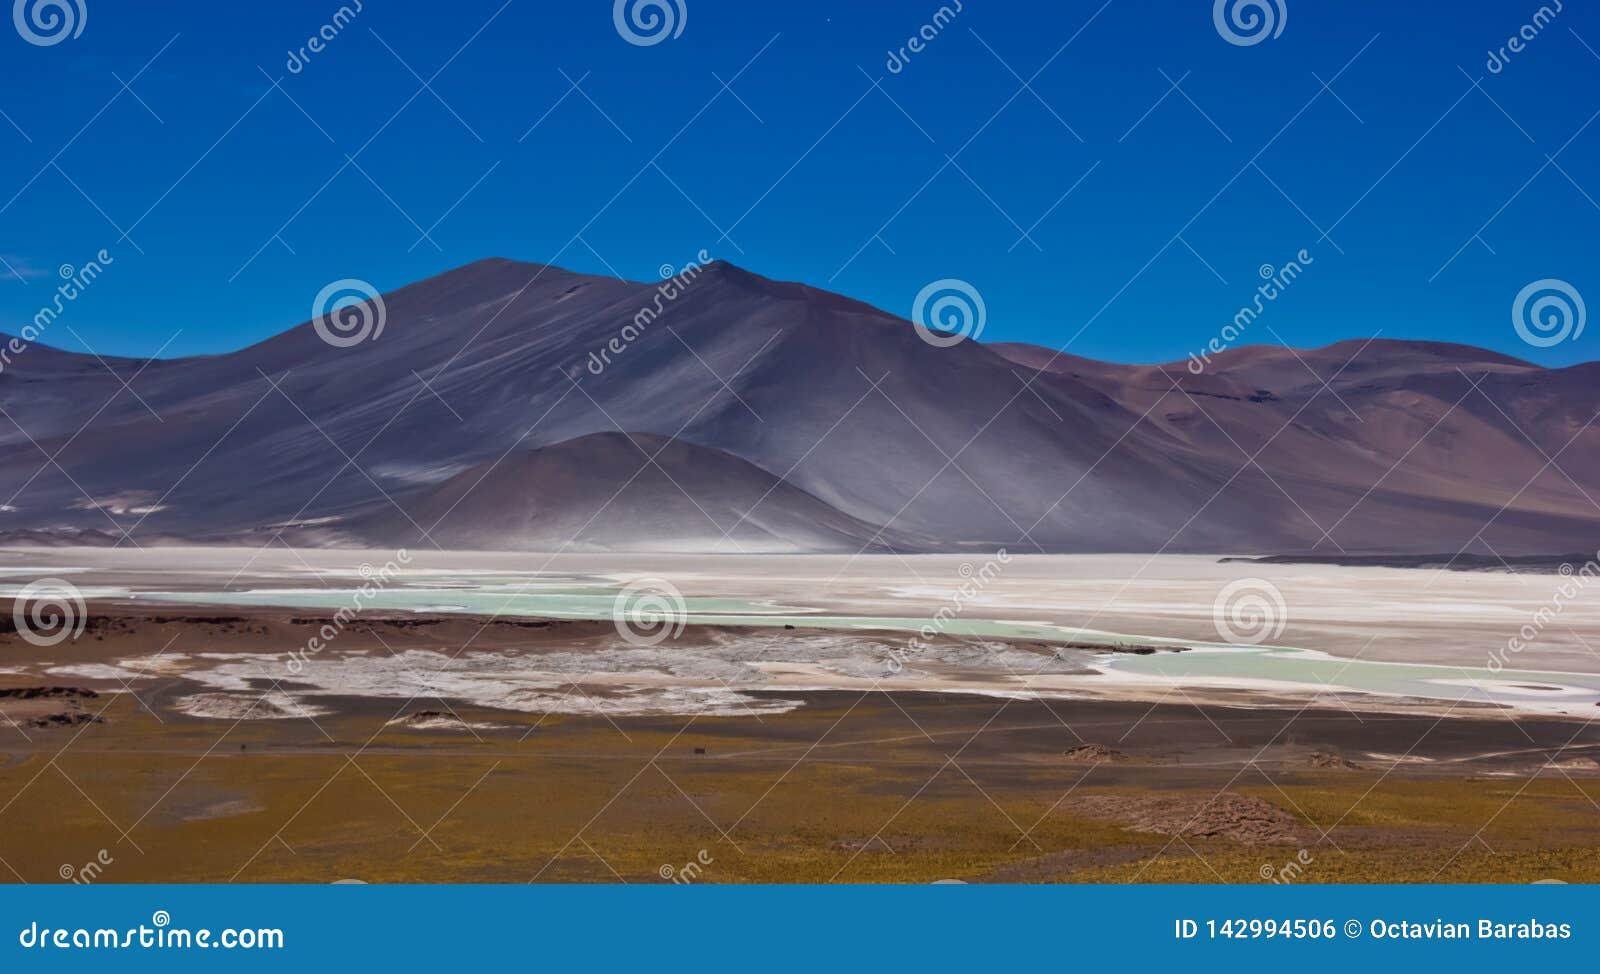 Соль дуновения ветра на горе в Чили